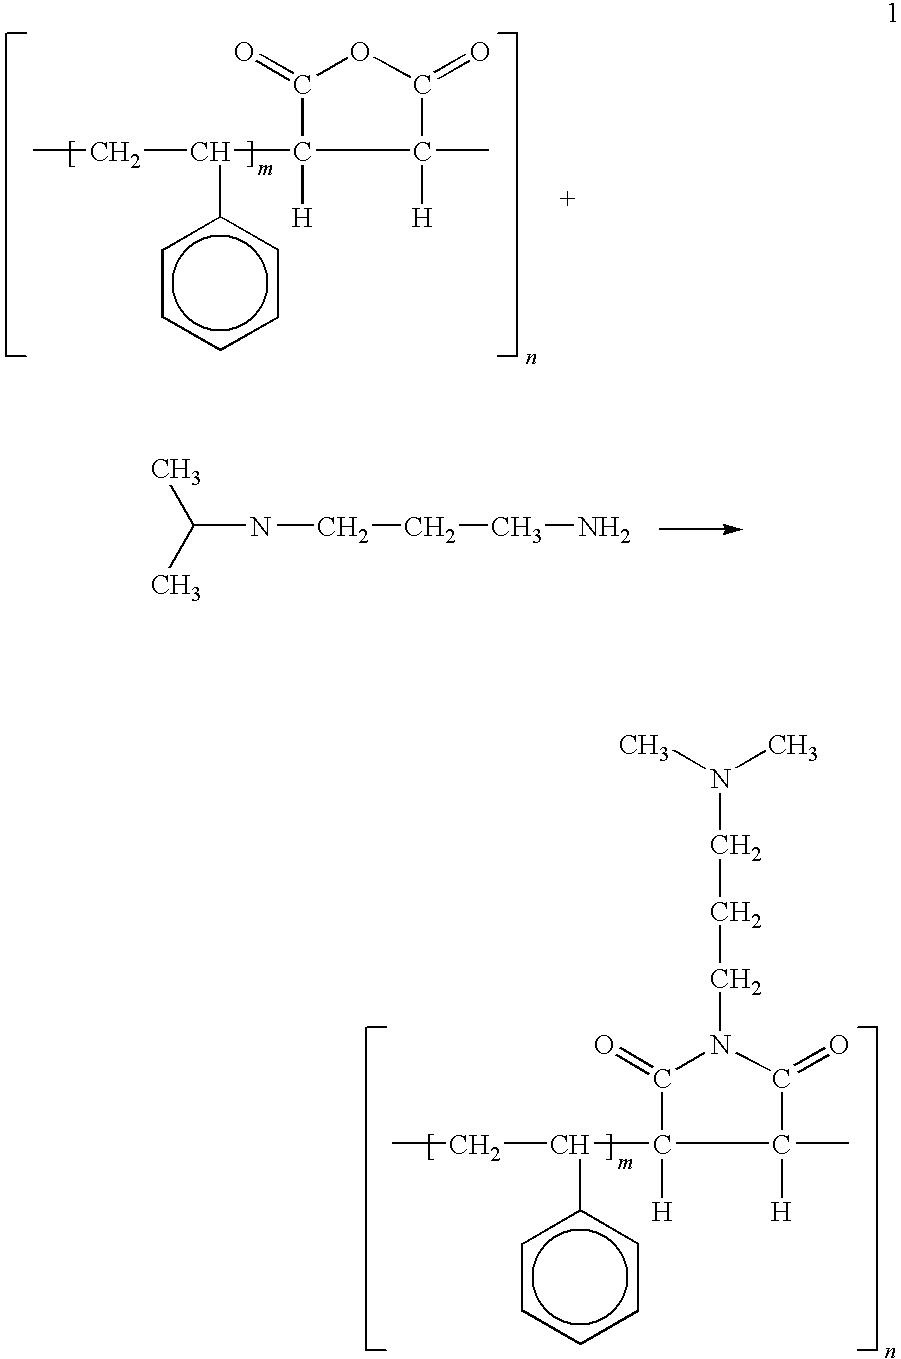 Figure US07999017-20110816-C00001